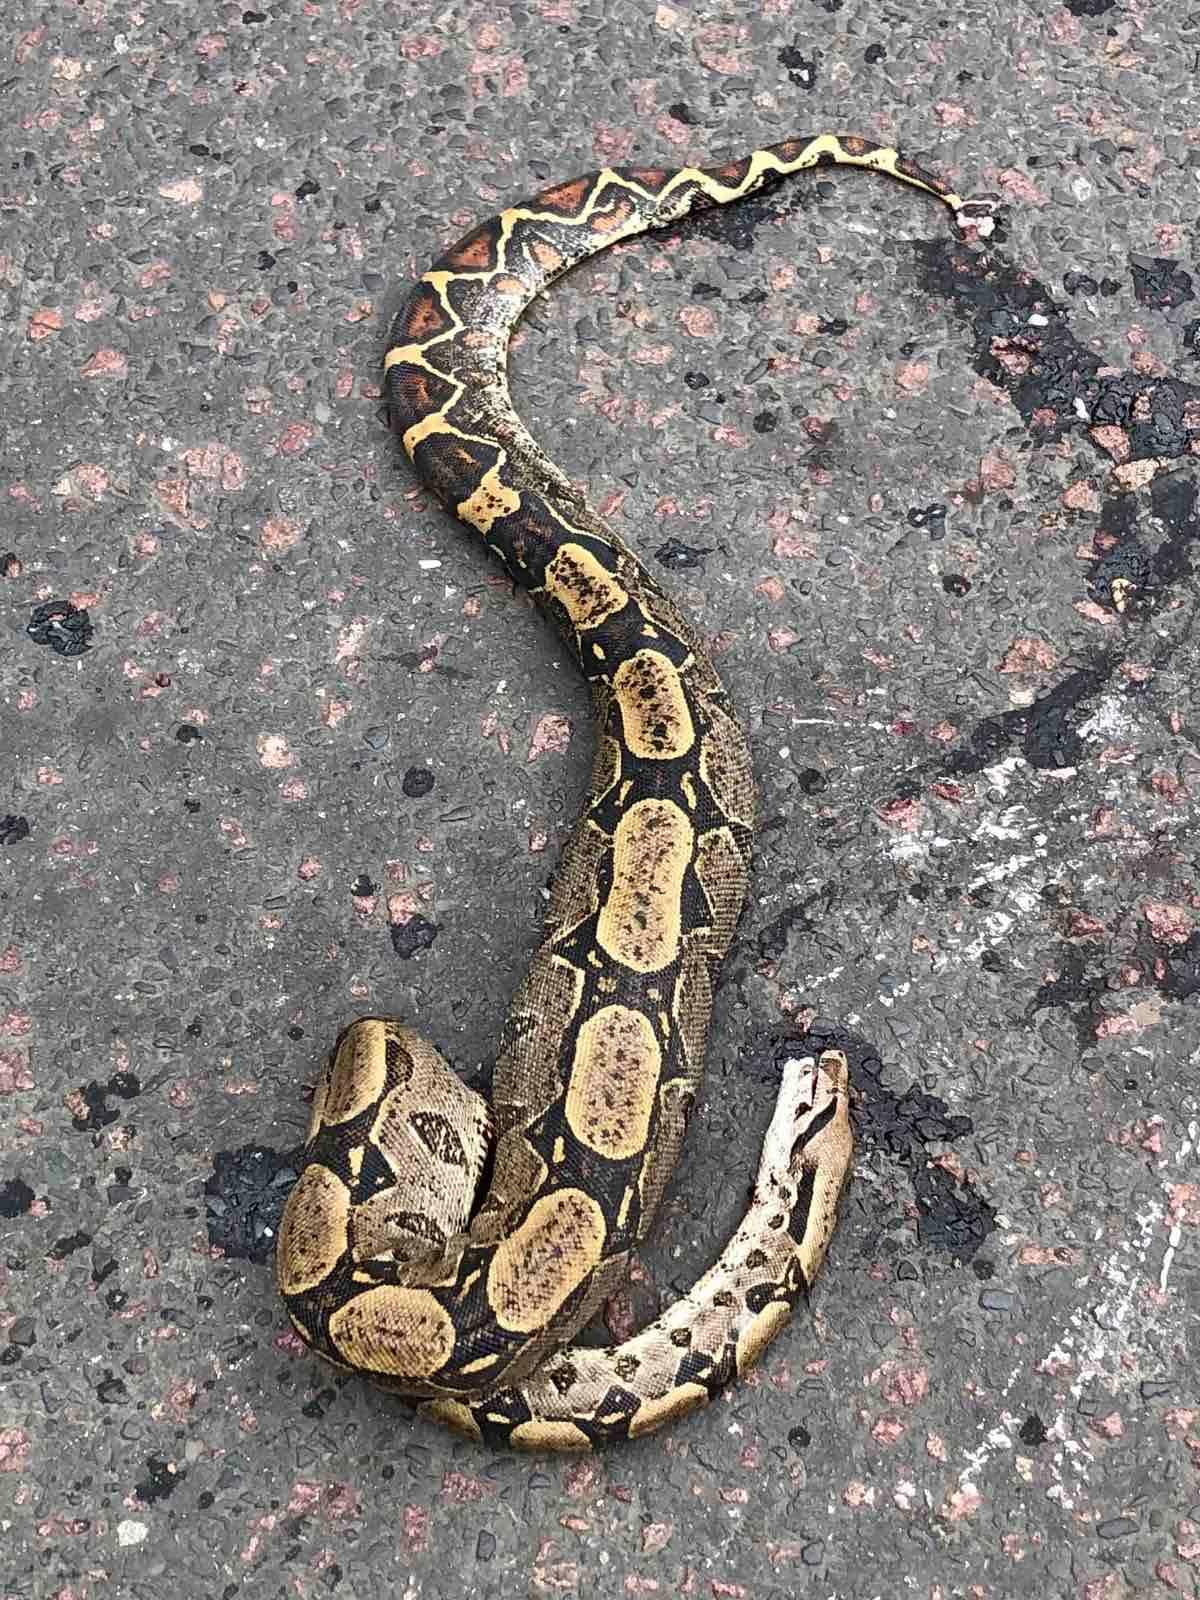 В Ужгороде у ресторана обнаружен труп экзотической змеи